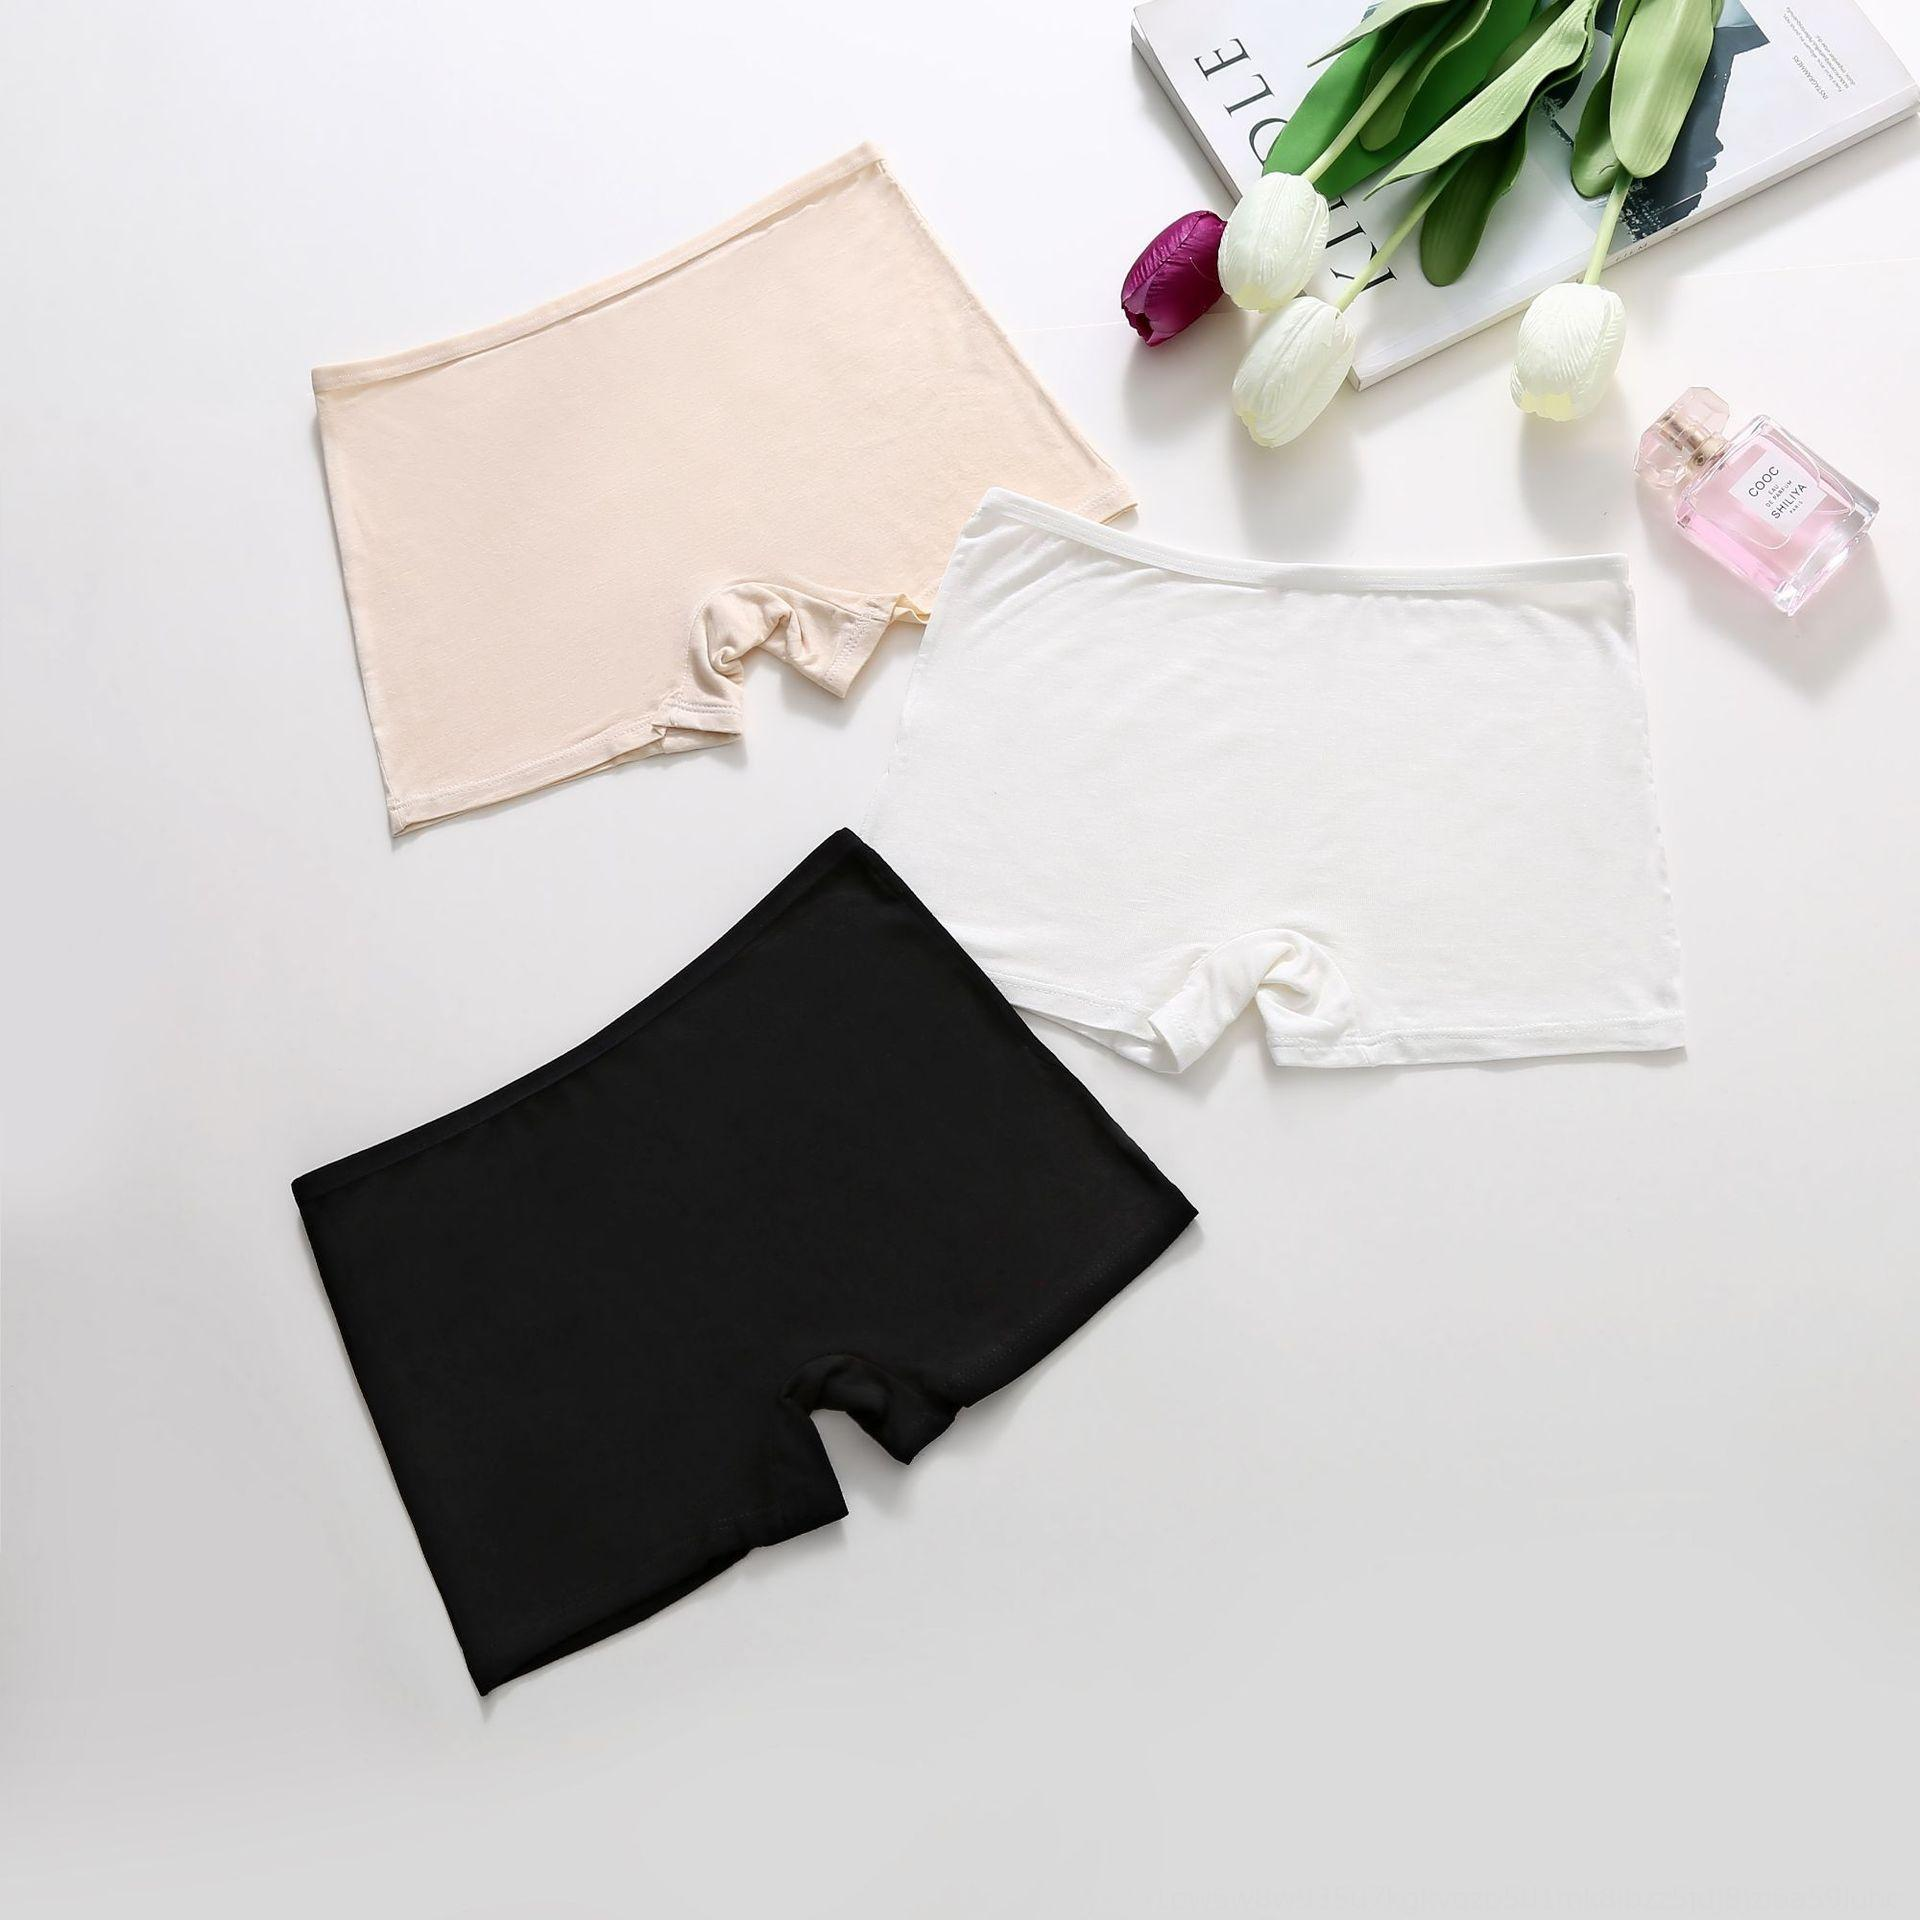 pantalones de la seguridad apretada XhARt encaje contra la intemperie pantalones de la seguridad del desgaste del verano de las mujeres delgadas sin costura grandes mallas de tamaño modal